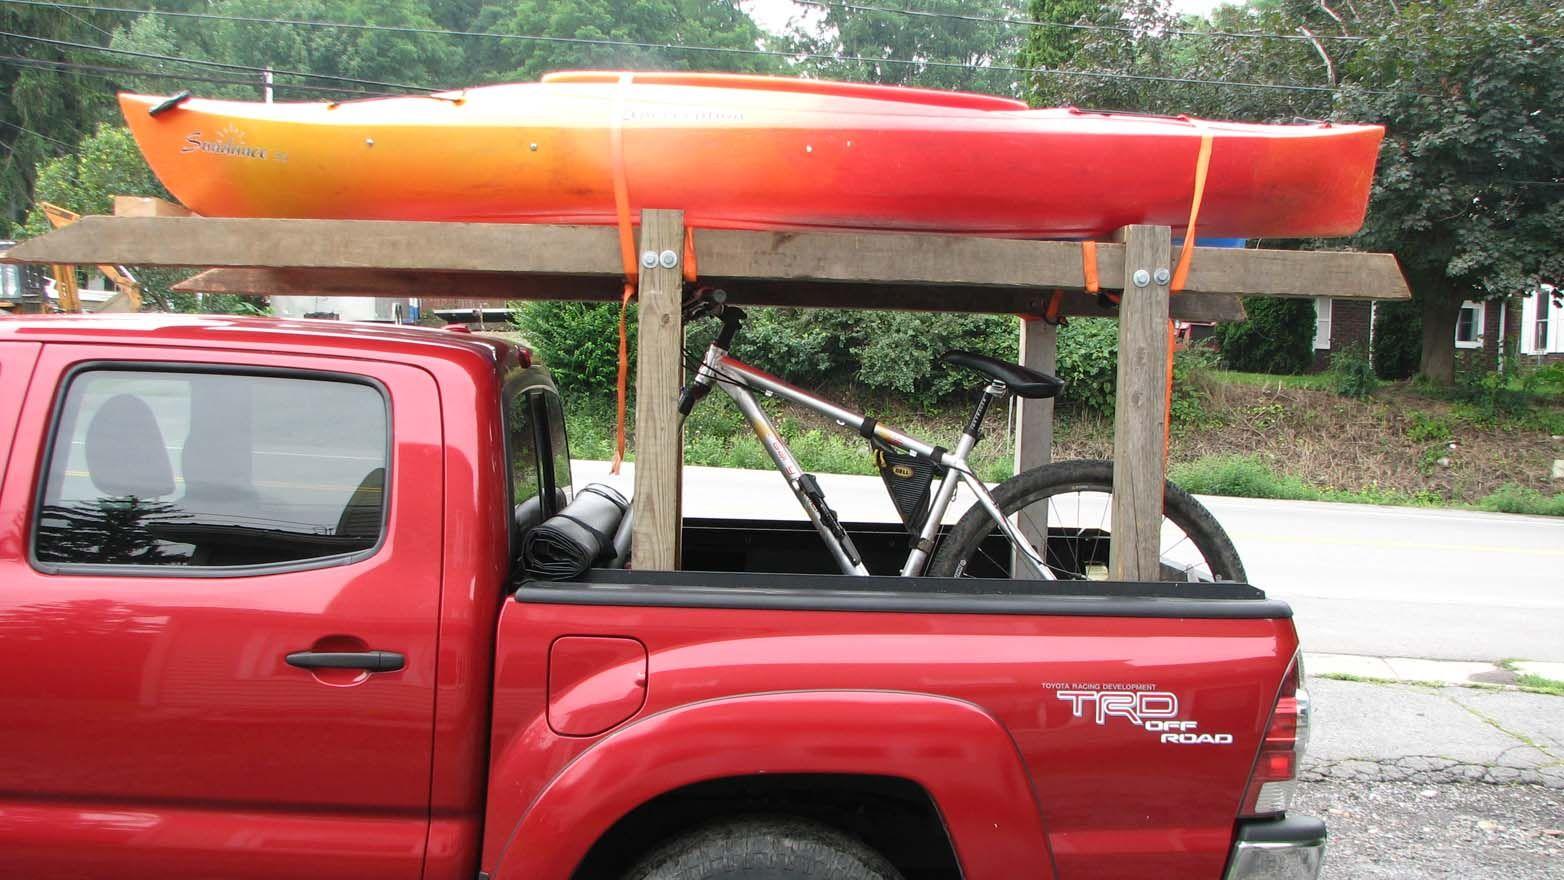 Of Kayak rack, Kayak rack for truck, Trucks